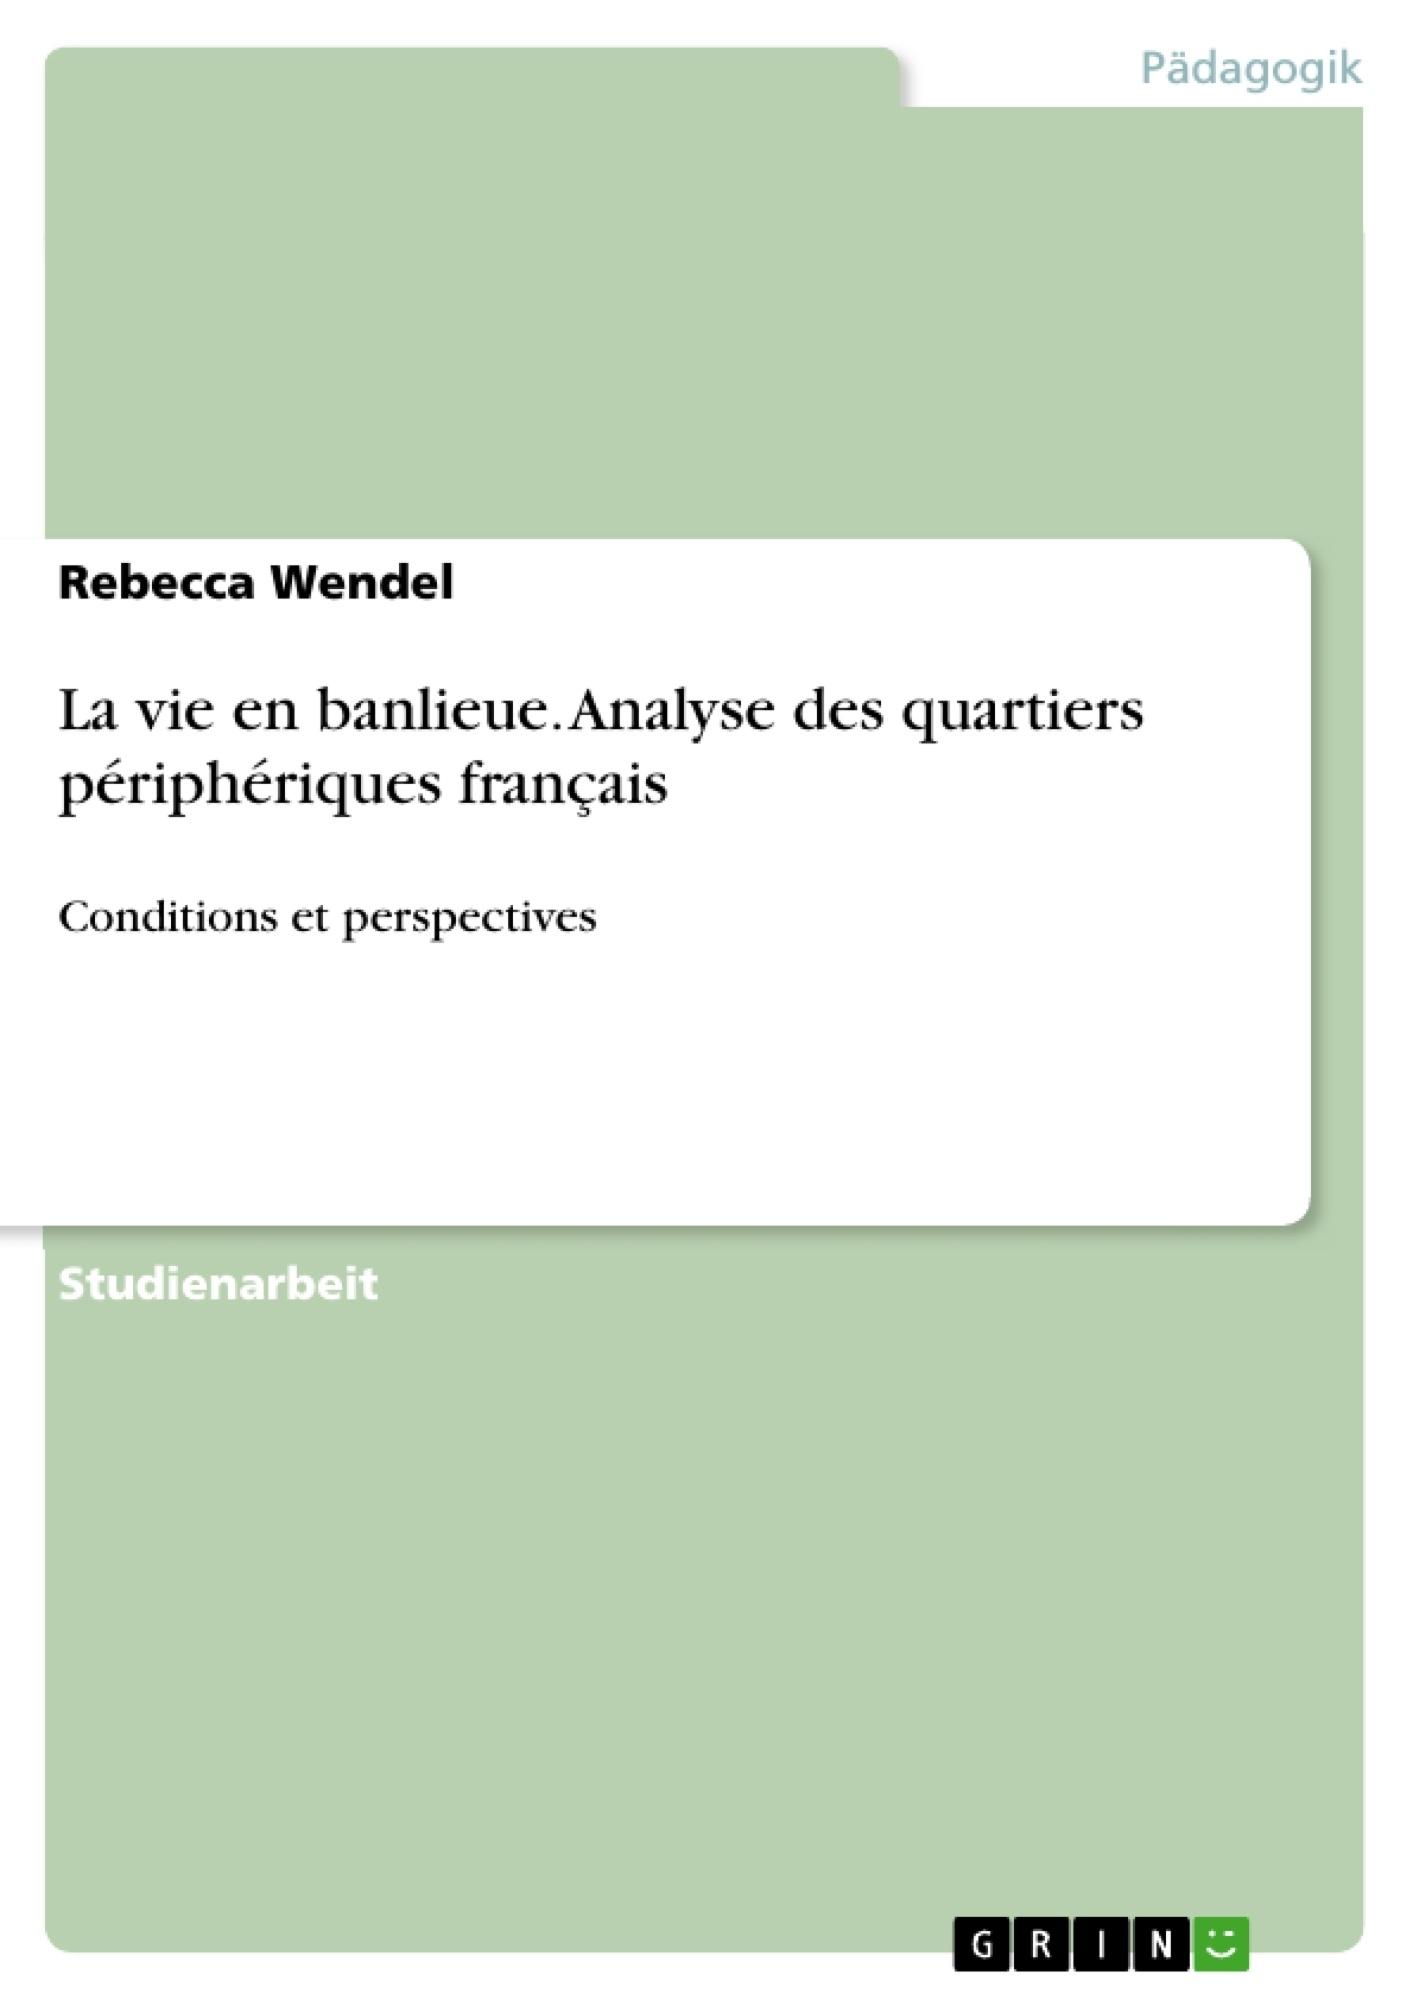 Titel: La vie en banlieue. Analyse des quartiers périphériques français